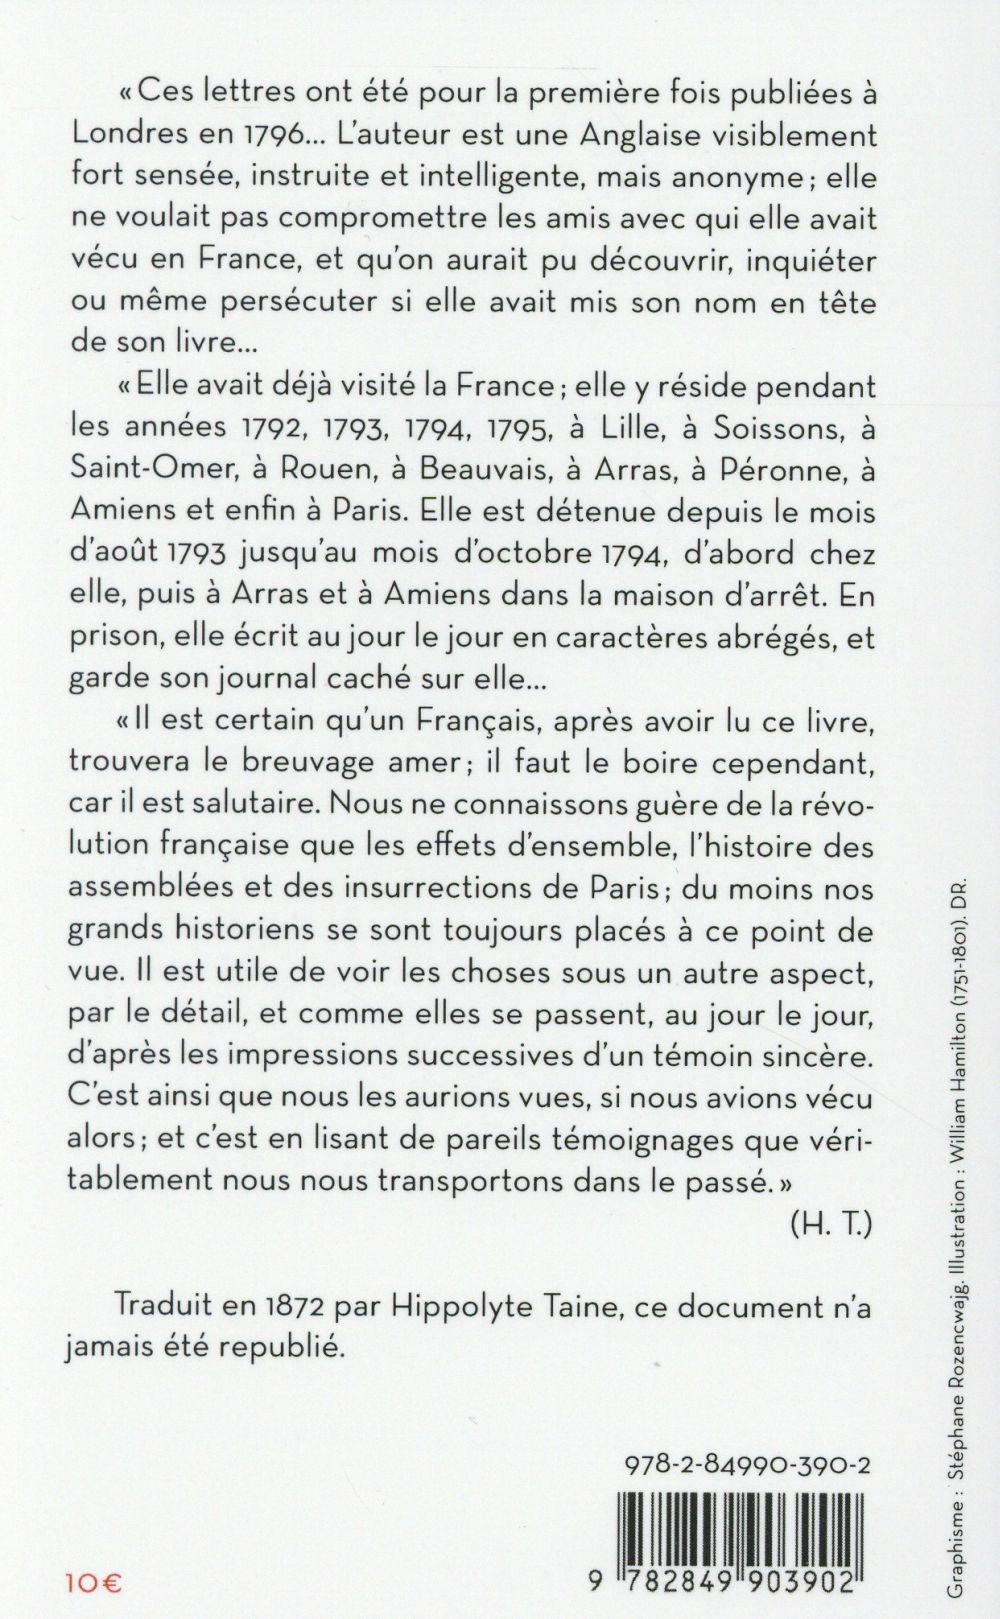 un séjour en France de 1792 à 1795 ; lettres d'un témoin de la Révolution française